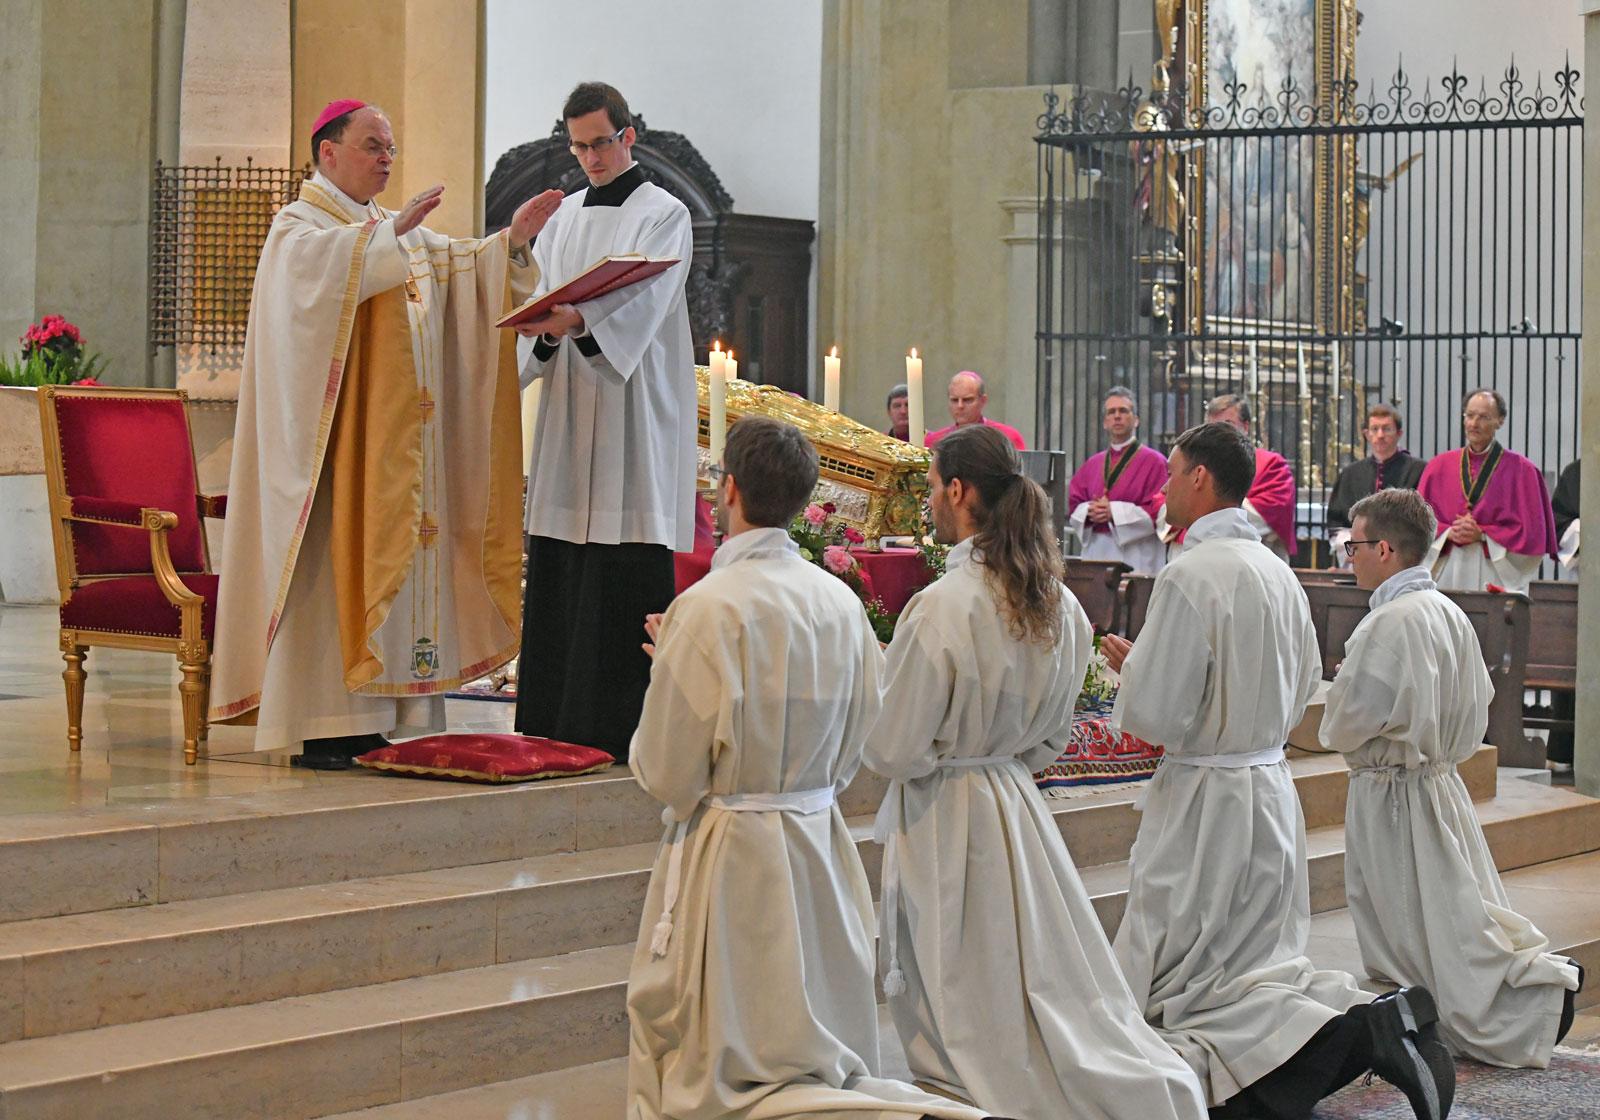 Bischof Bertram weiht vier Männer zu Diakonen (Foto: Julian Schmidt / pba)